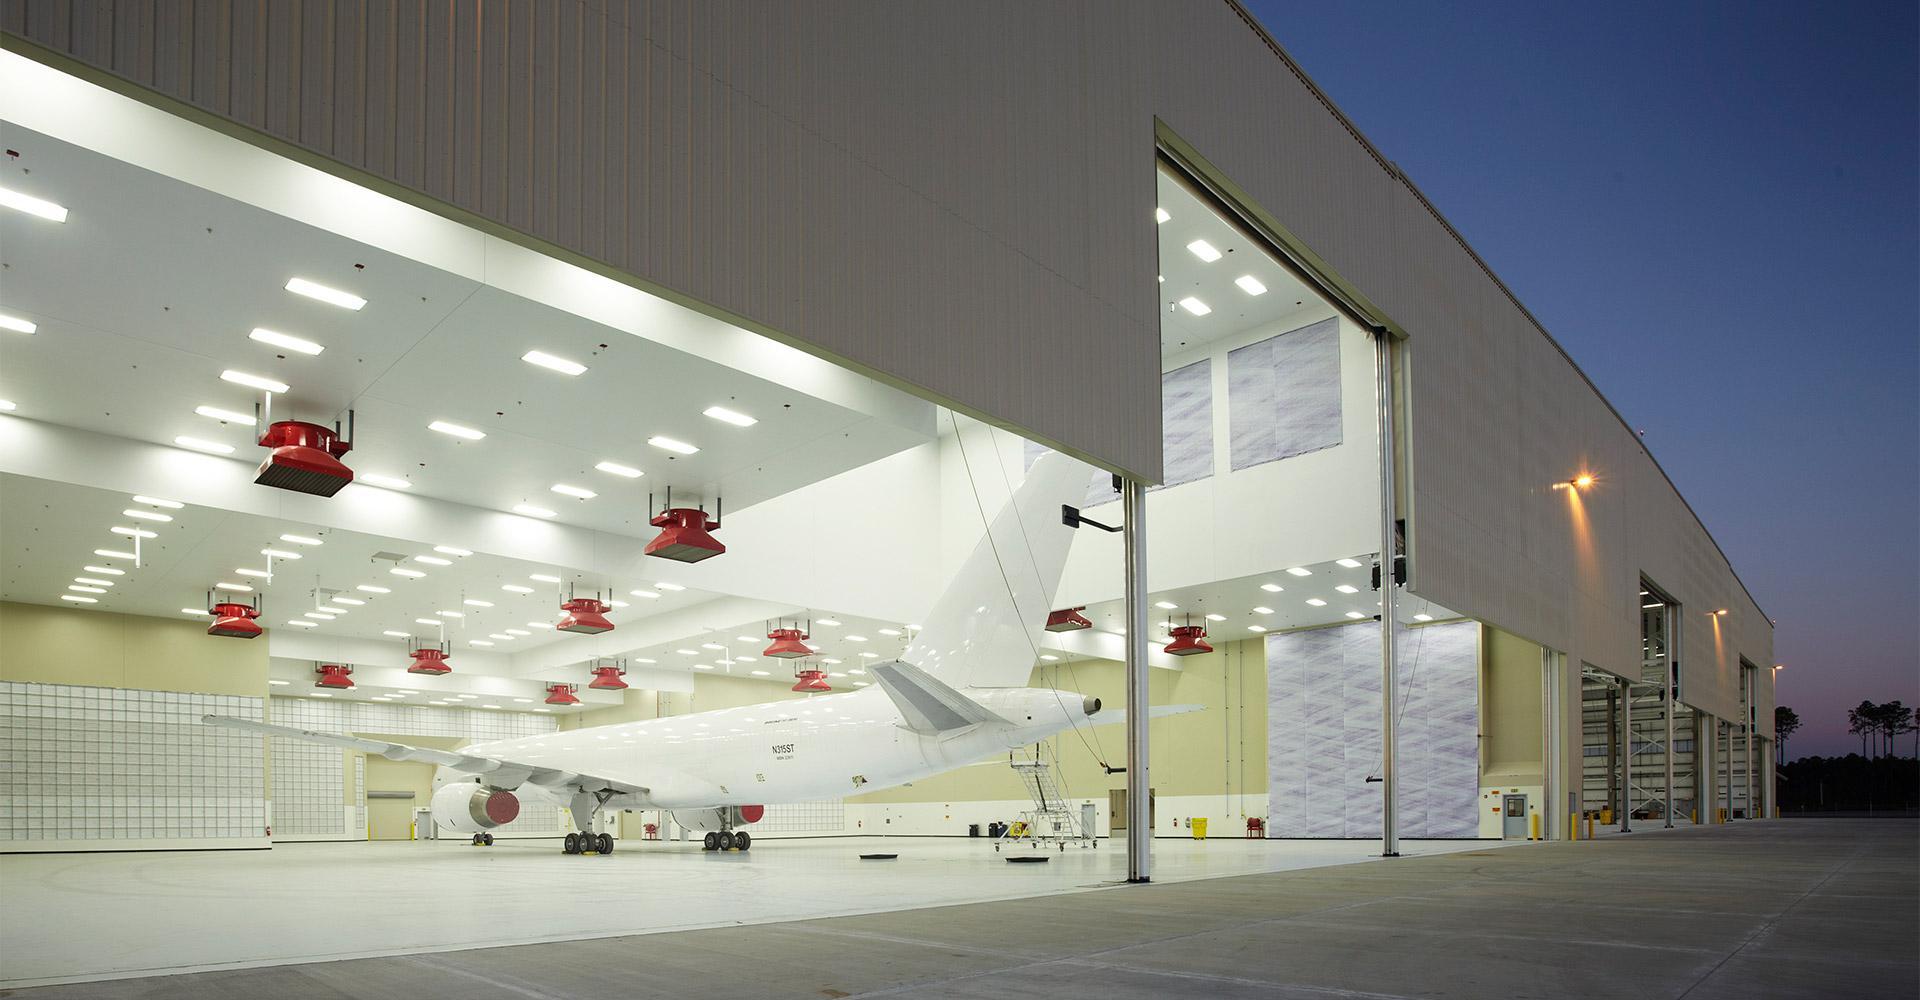 Looking into FSCJ aircraft service hangar at night.